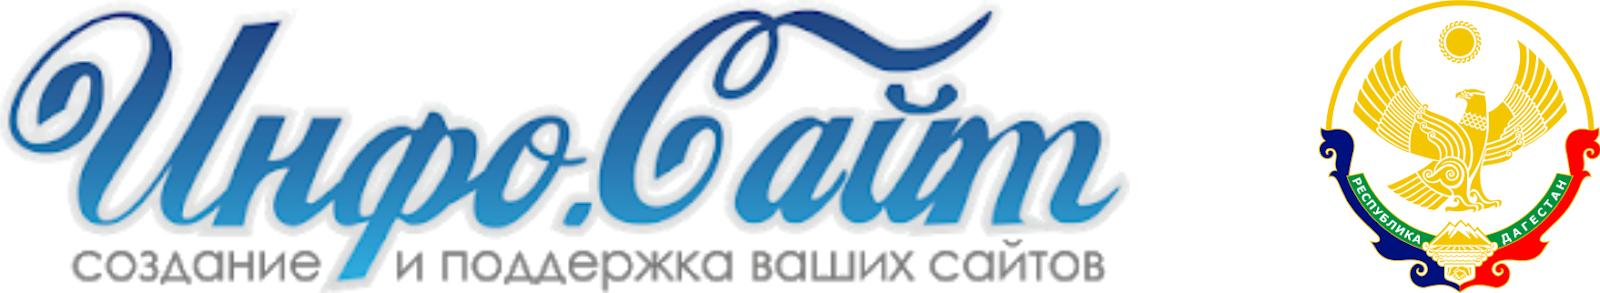 Дагестан 🌍 Инфо-Сайт : Новости и объявления Республики Дагестан